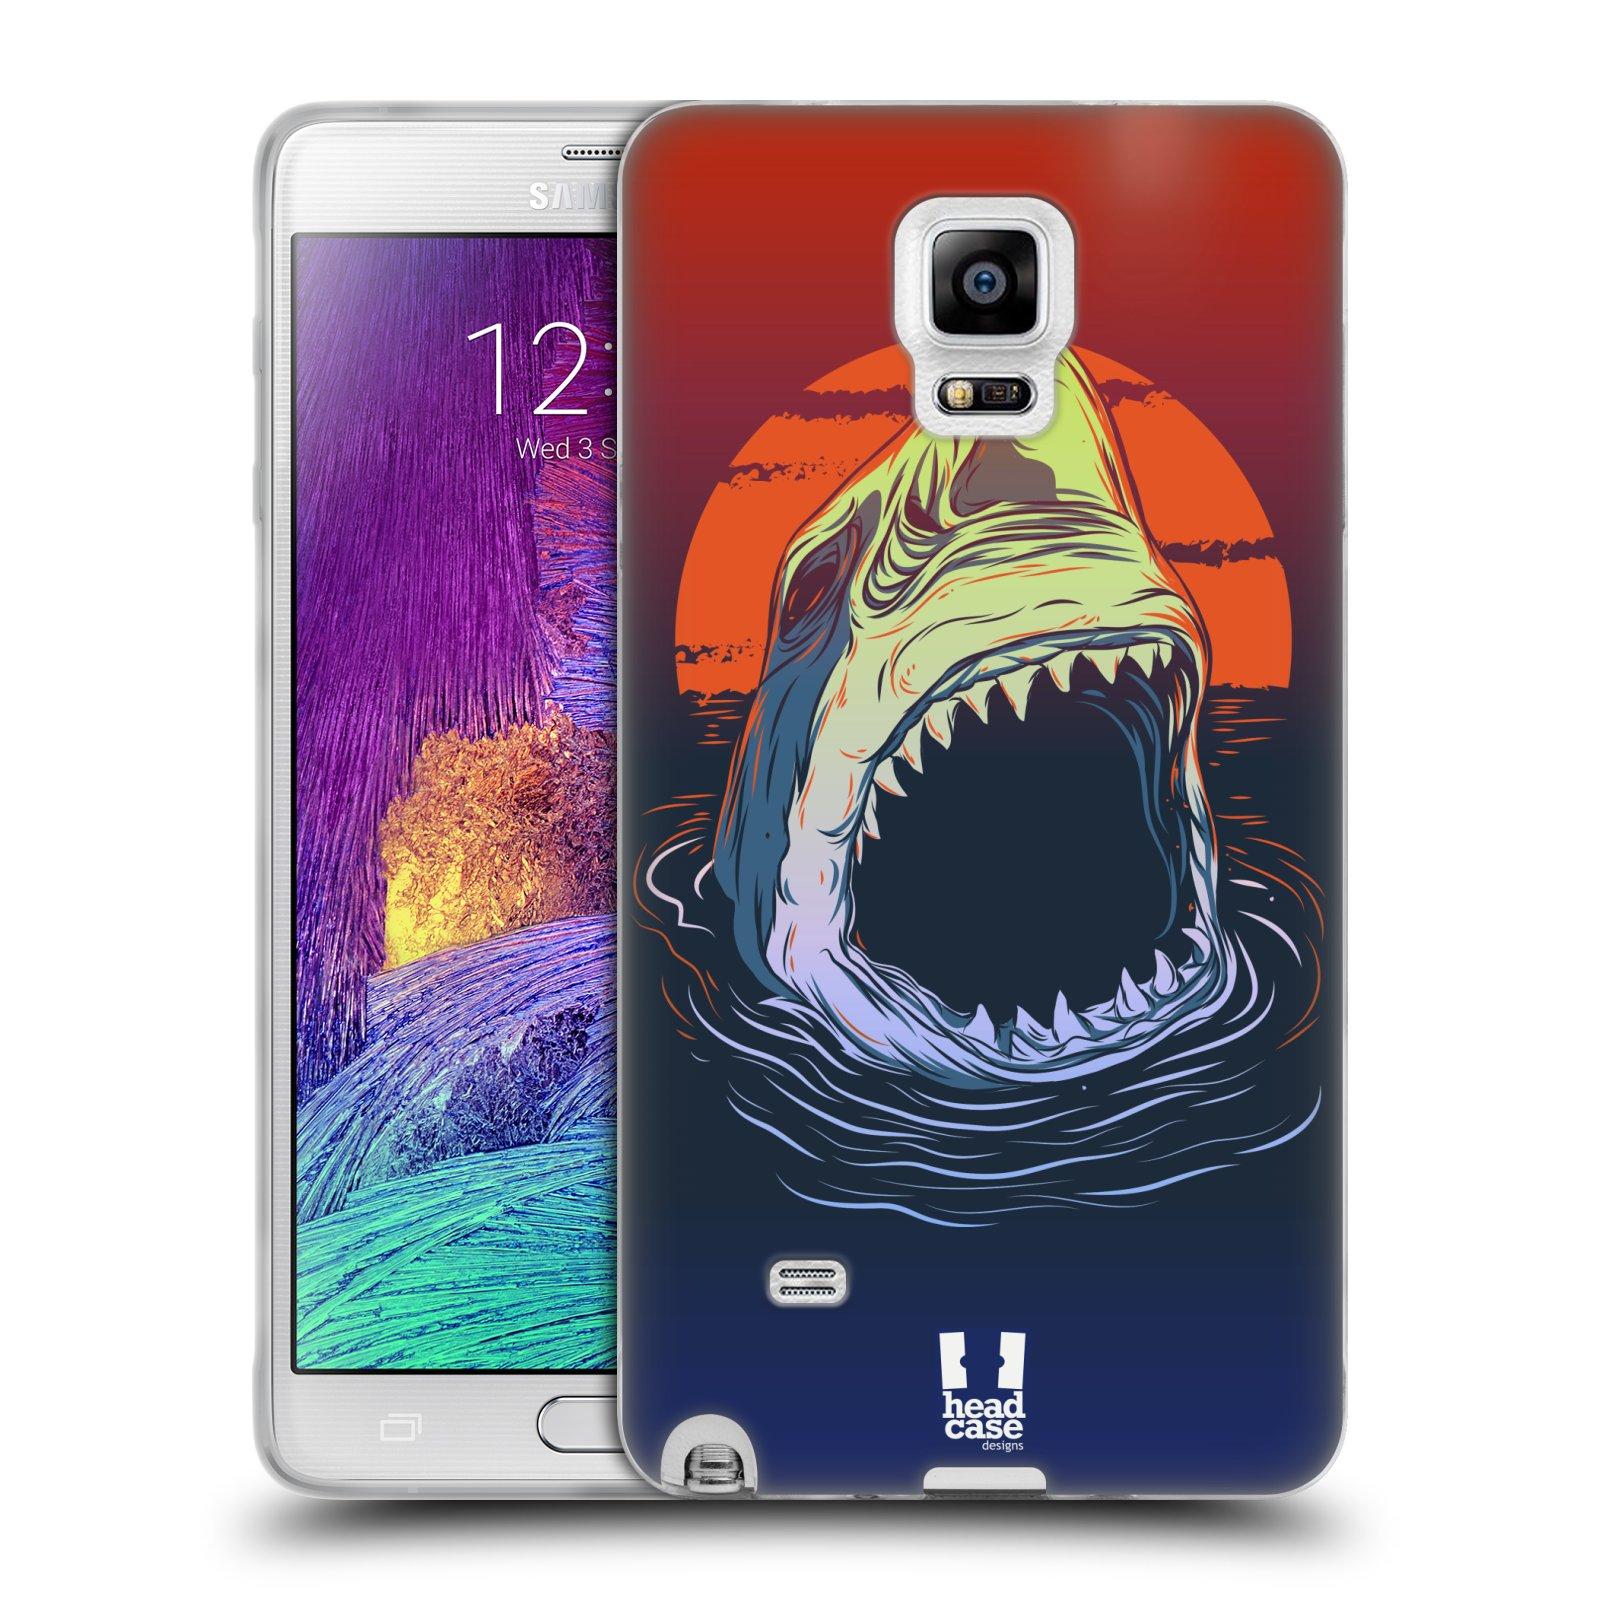 Silikonové pouzdro na mobil Samsung Galaxy Note 4 HEAD CASE HLADOVÝ ŽRALOK (Silikonový kryt či obal na mobilní telefon Samsung Galaxy Note 4 SM-N910F)